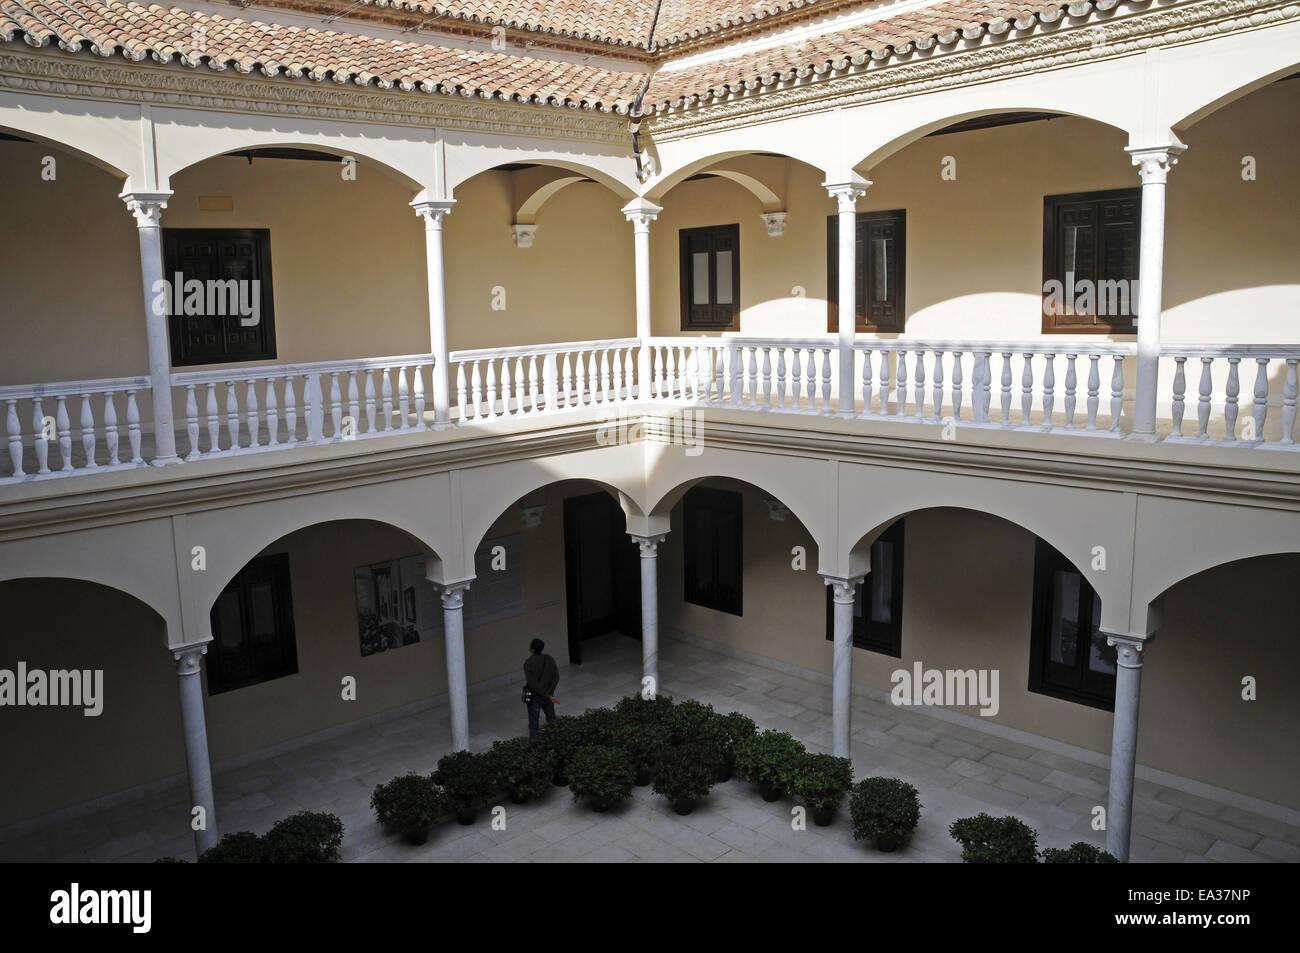 Spanischer Innenhof spanischer innenhof photos spanischer innenhof images alamy